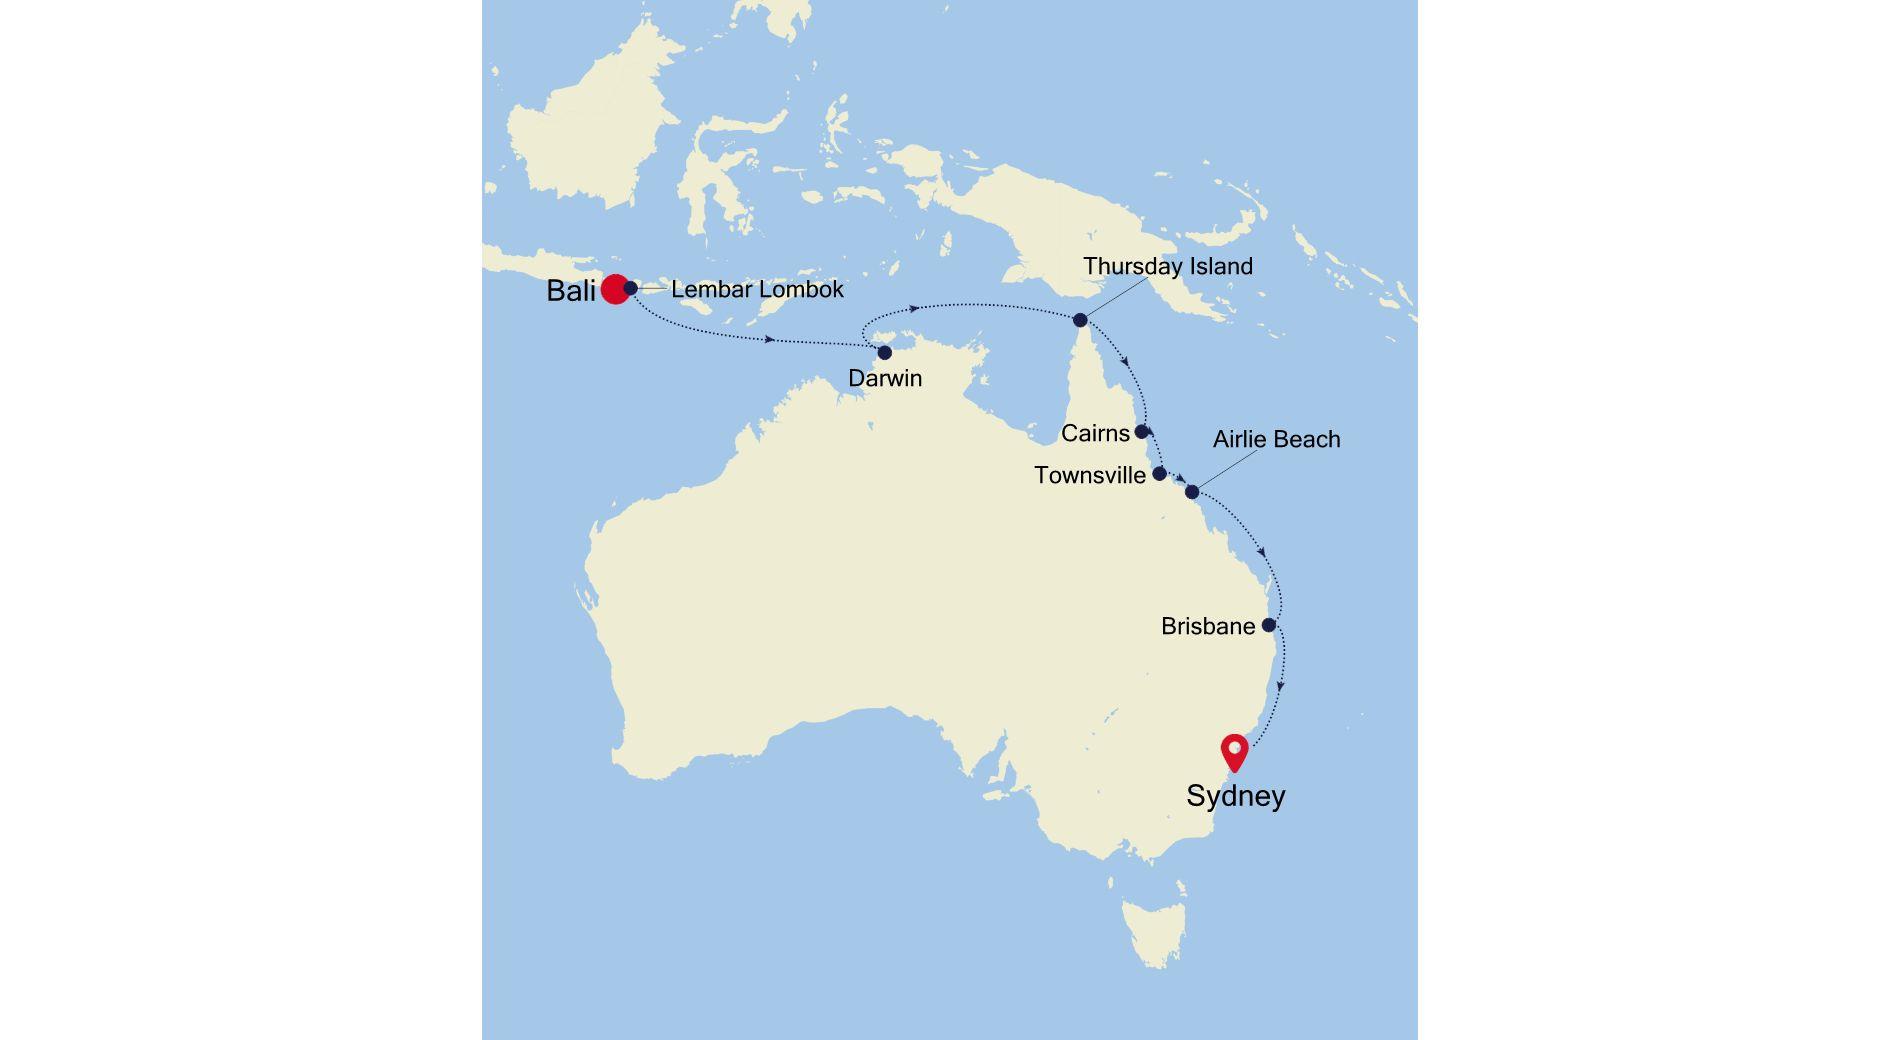 SM211202S15 - Bali  à Sydney